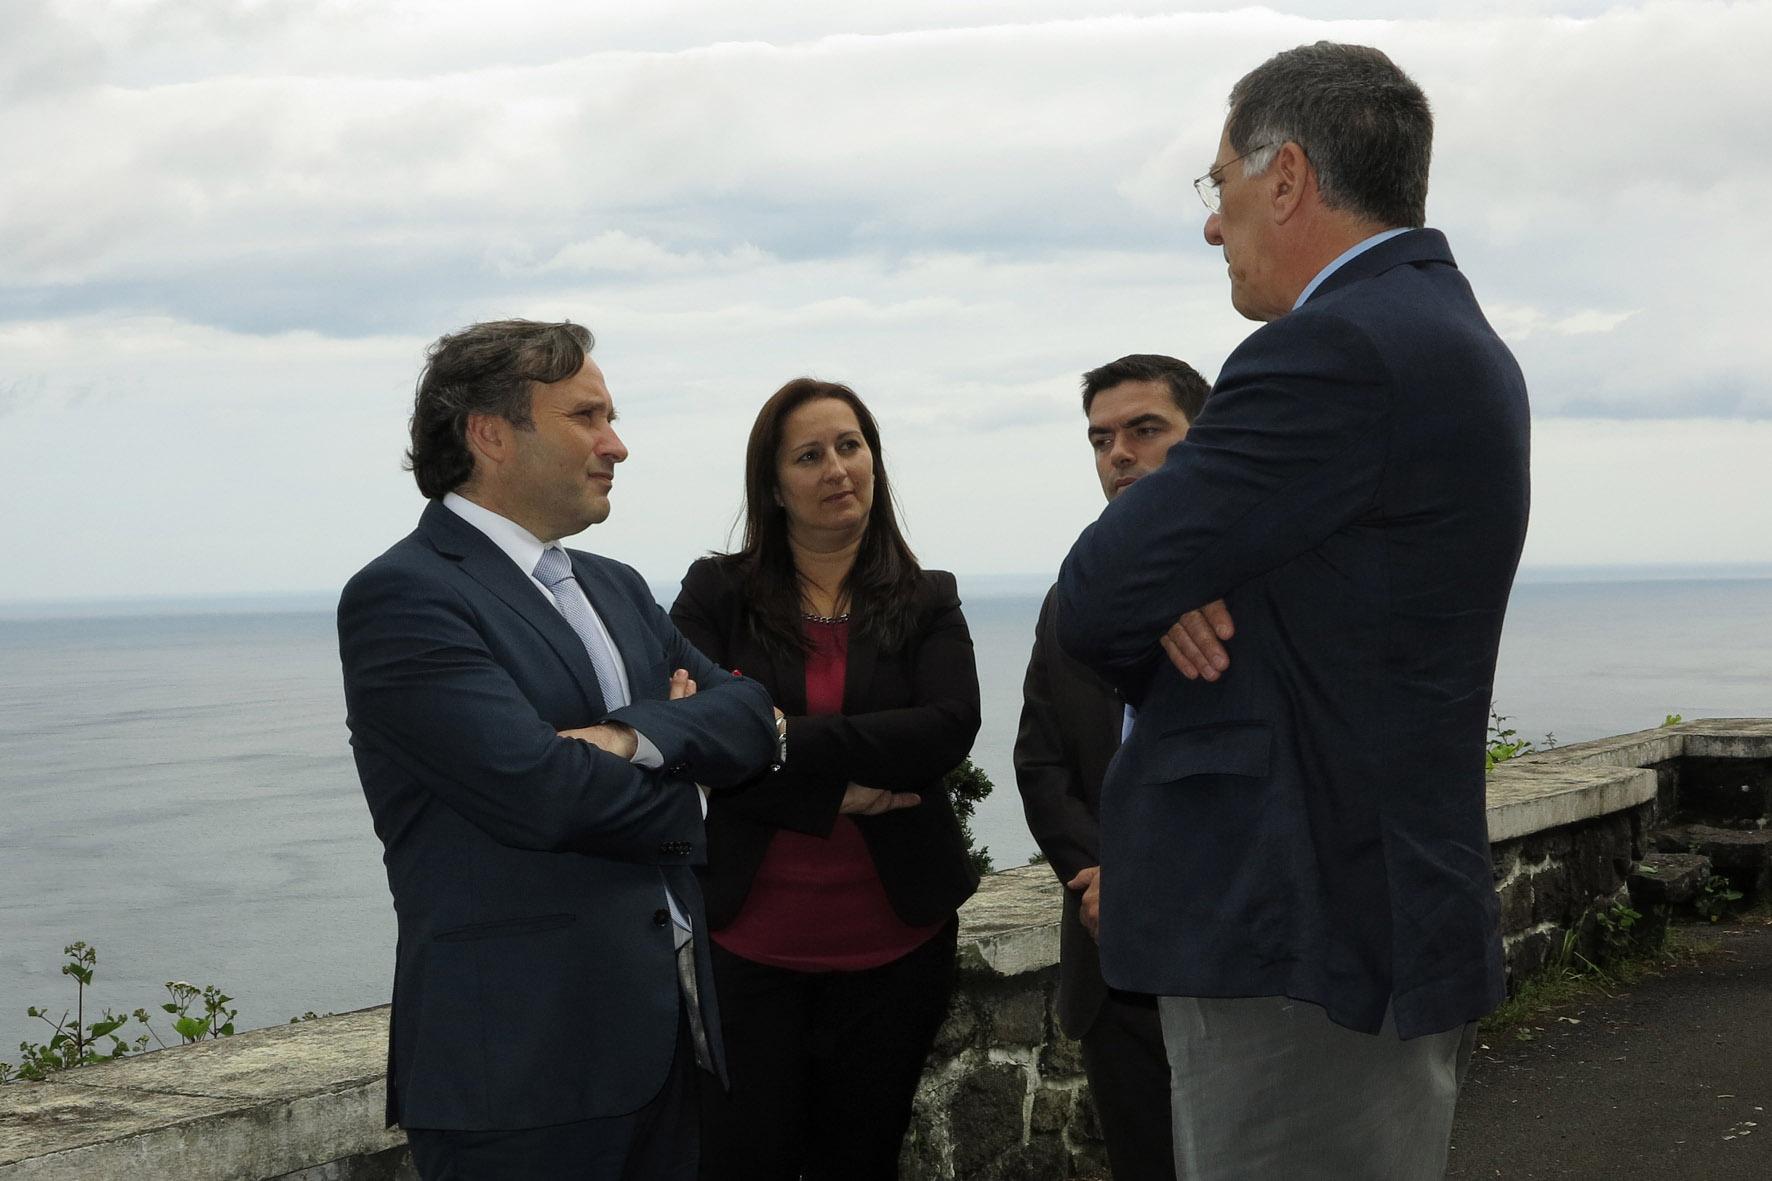 Investimento na rede viária de São Jorge totaliza 3,9 ME nesta legislatura, revela Vítor Fraga